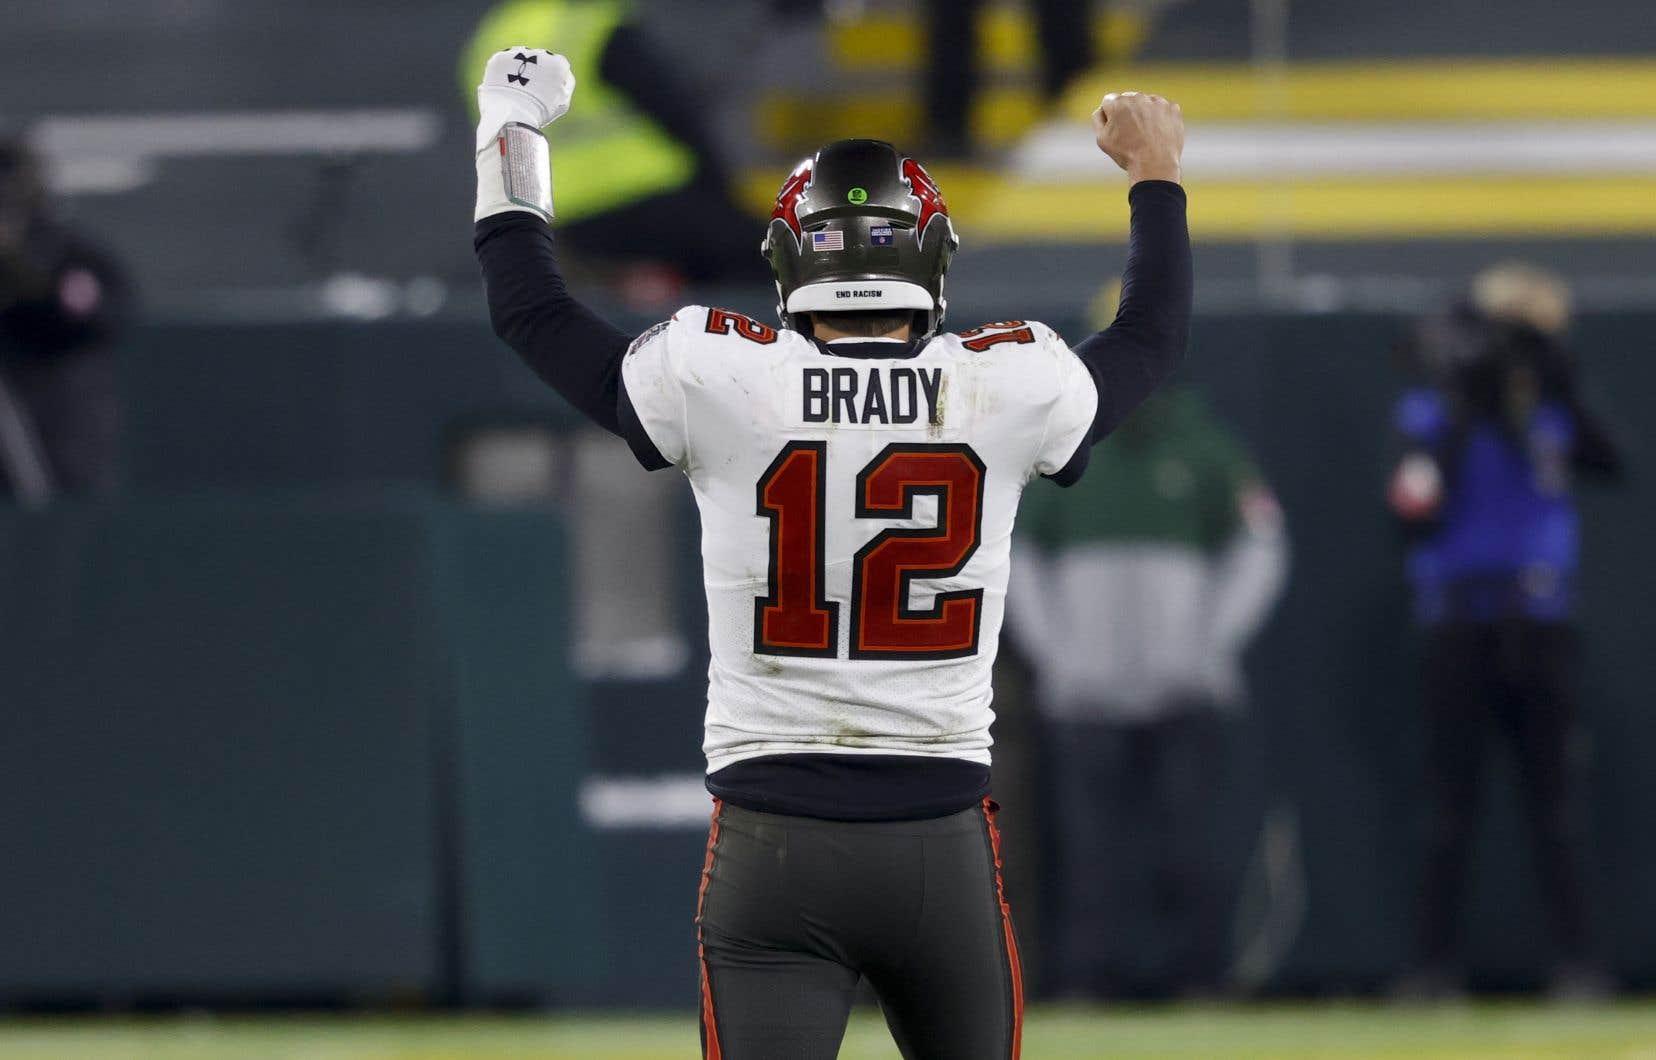 Même dans  un match où  il commet trois interceptions (comme dimanche), Tom Brady trouve le moyen de sortir  vainqueur.